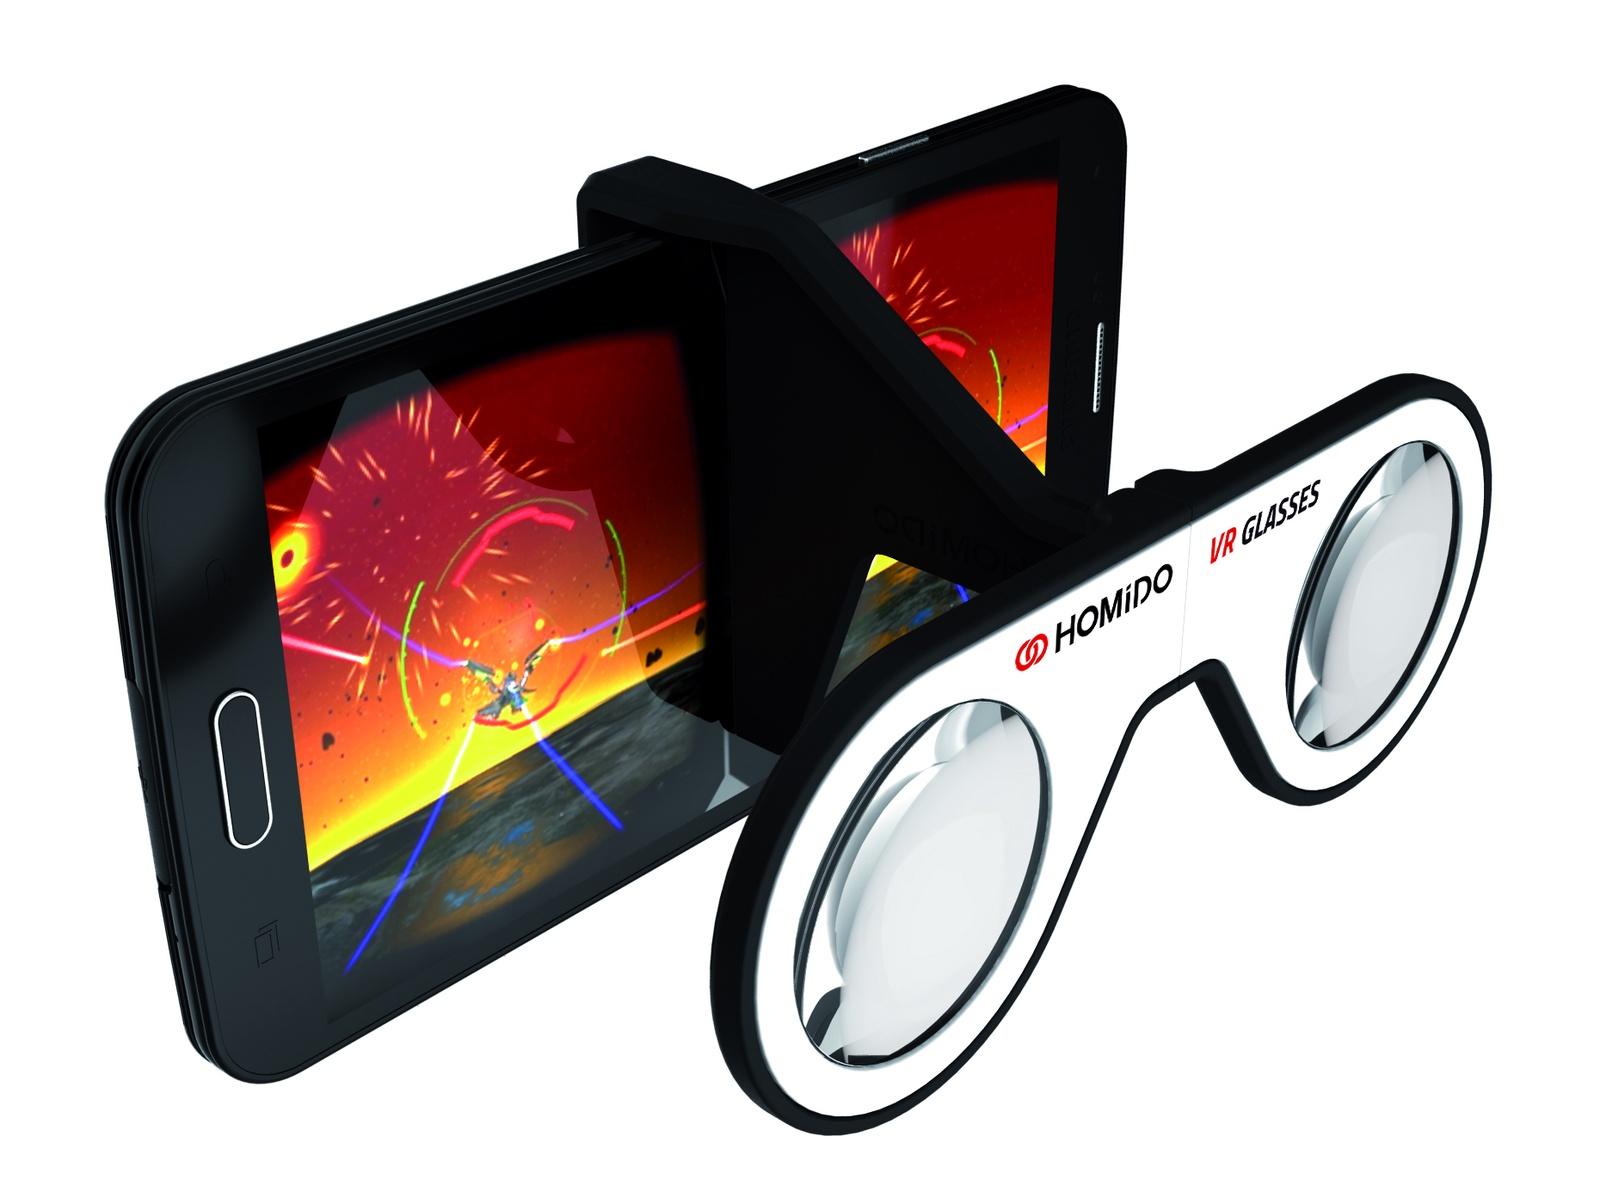 все цены на Очки виртуальной реальноcти для смартфонов Homido mini, HMD-mini онлайн